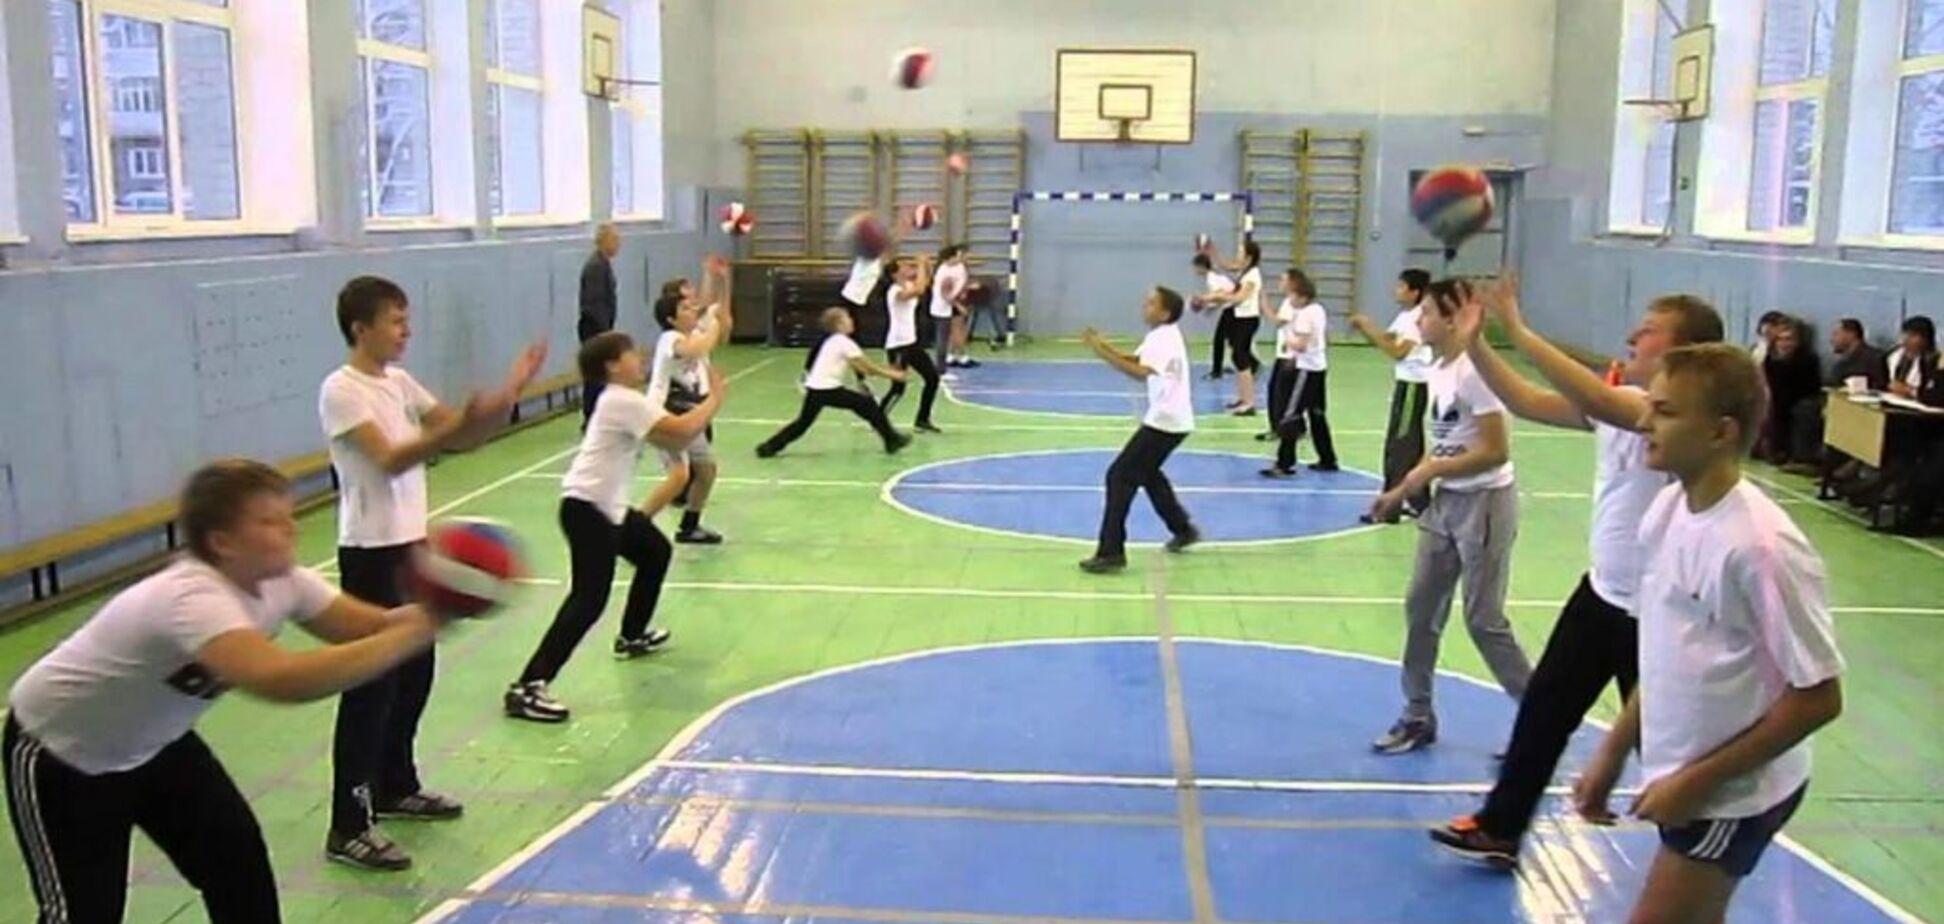 В российской школе случился смертельный случай на уроке физкультуры